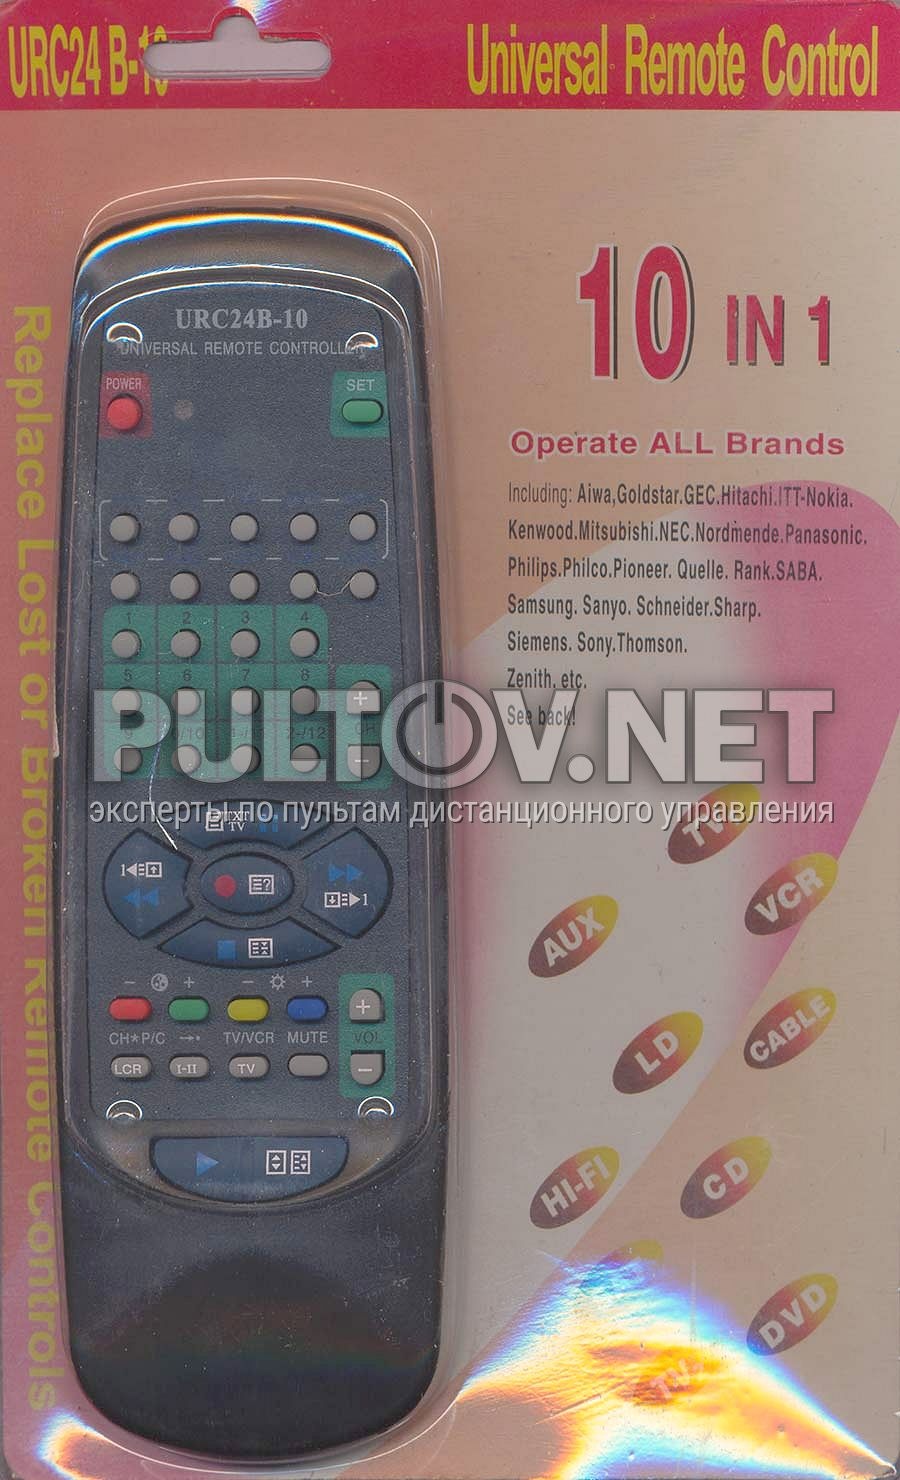 инструкция к пульту dvd remote control 6711r1p070b